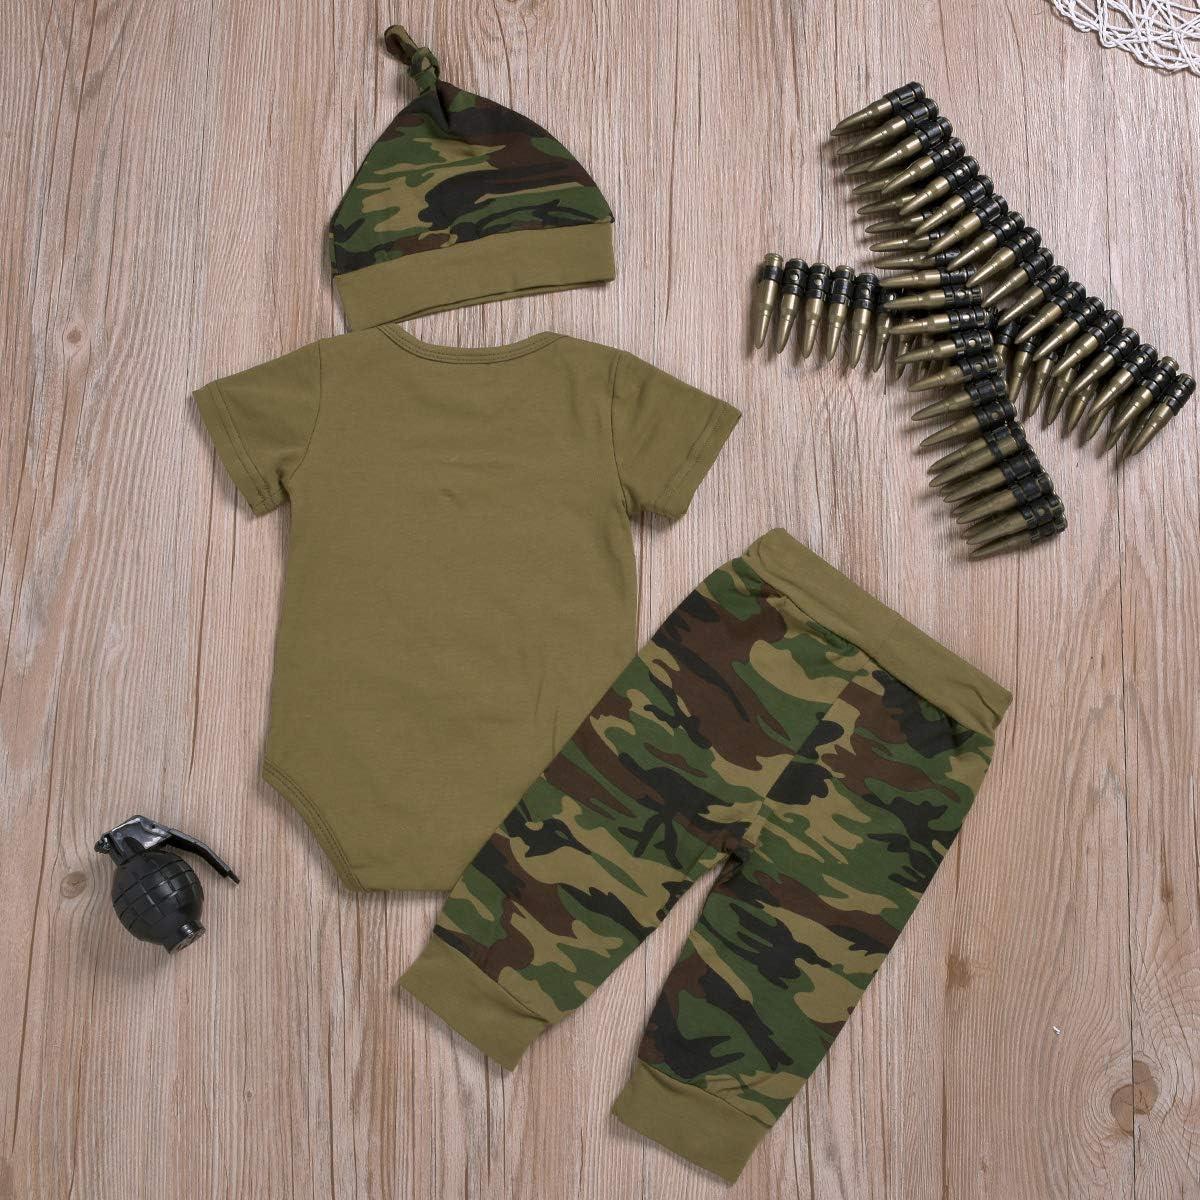 pantalon long Borlai Ensemble de v/êtements assortis pour b/éb/é fille gar/çon avec motif camouflage chapeau 0 /à 24 mois